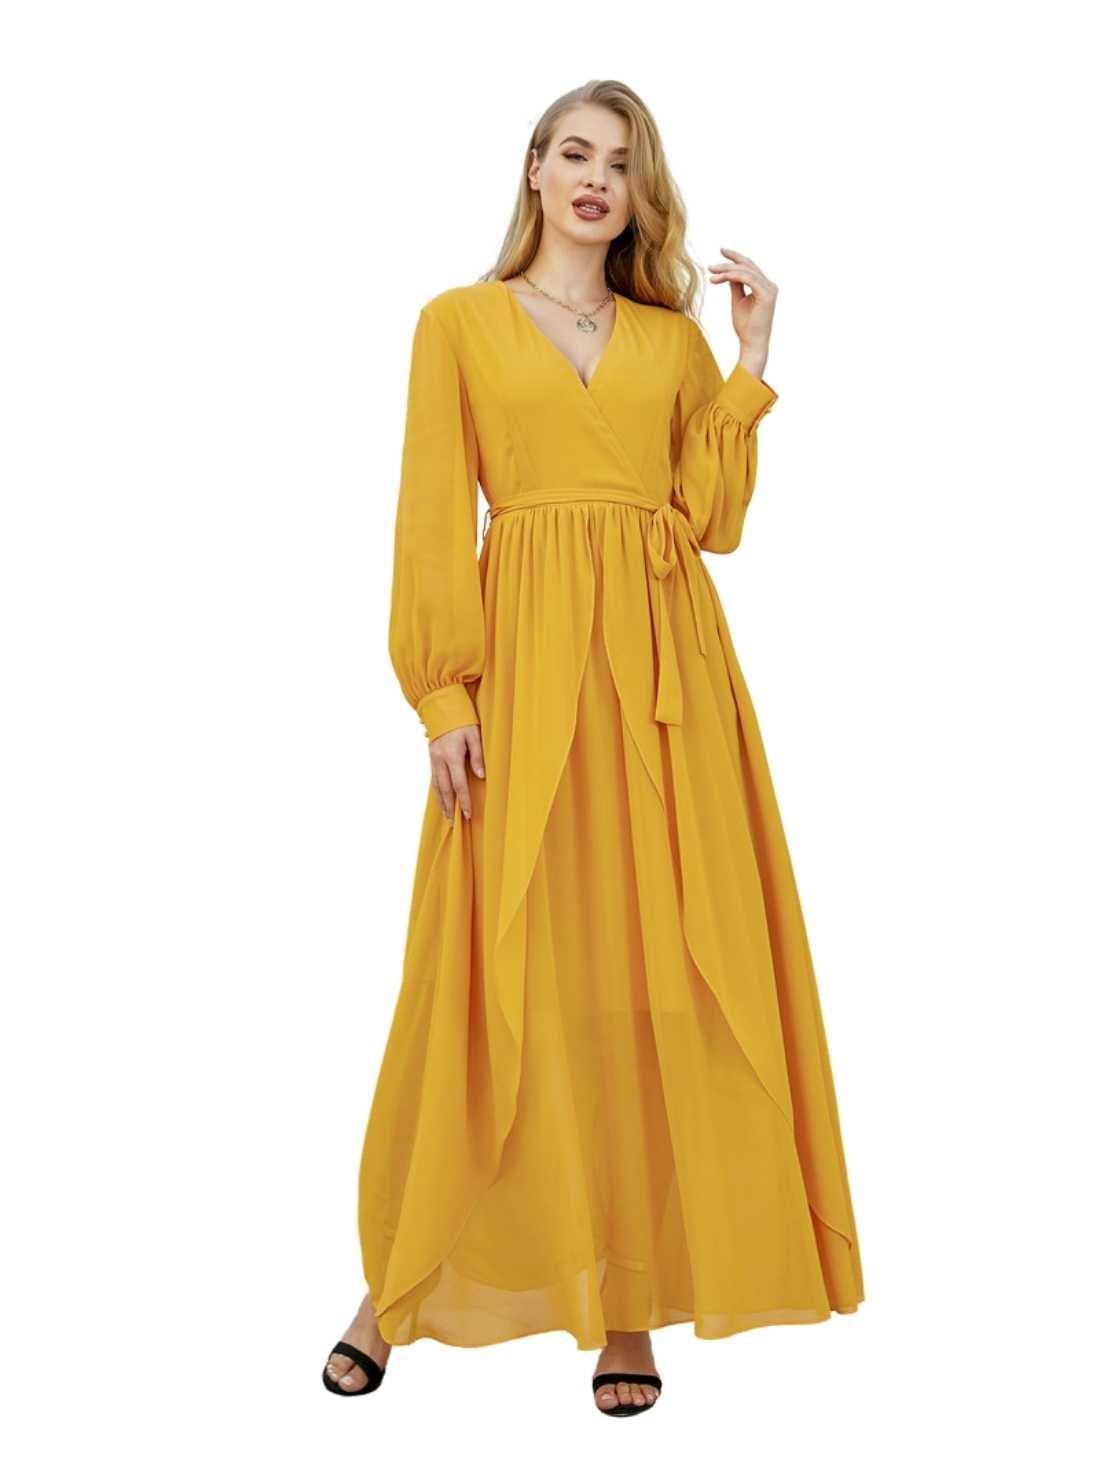 Wholesale Chiffon Maxi Occasion Dress